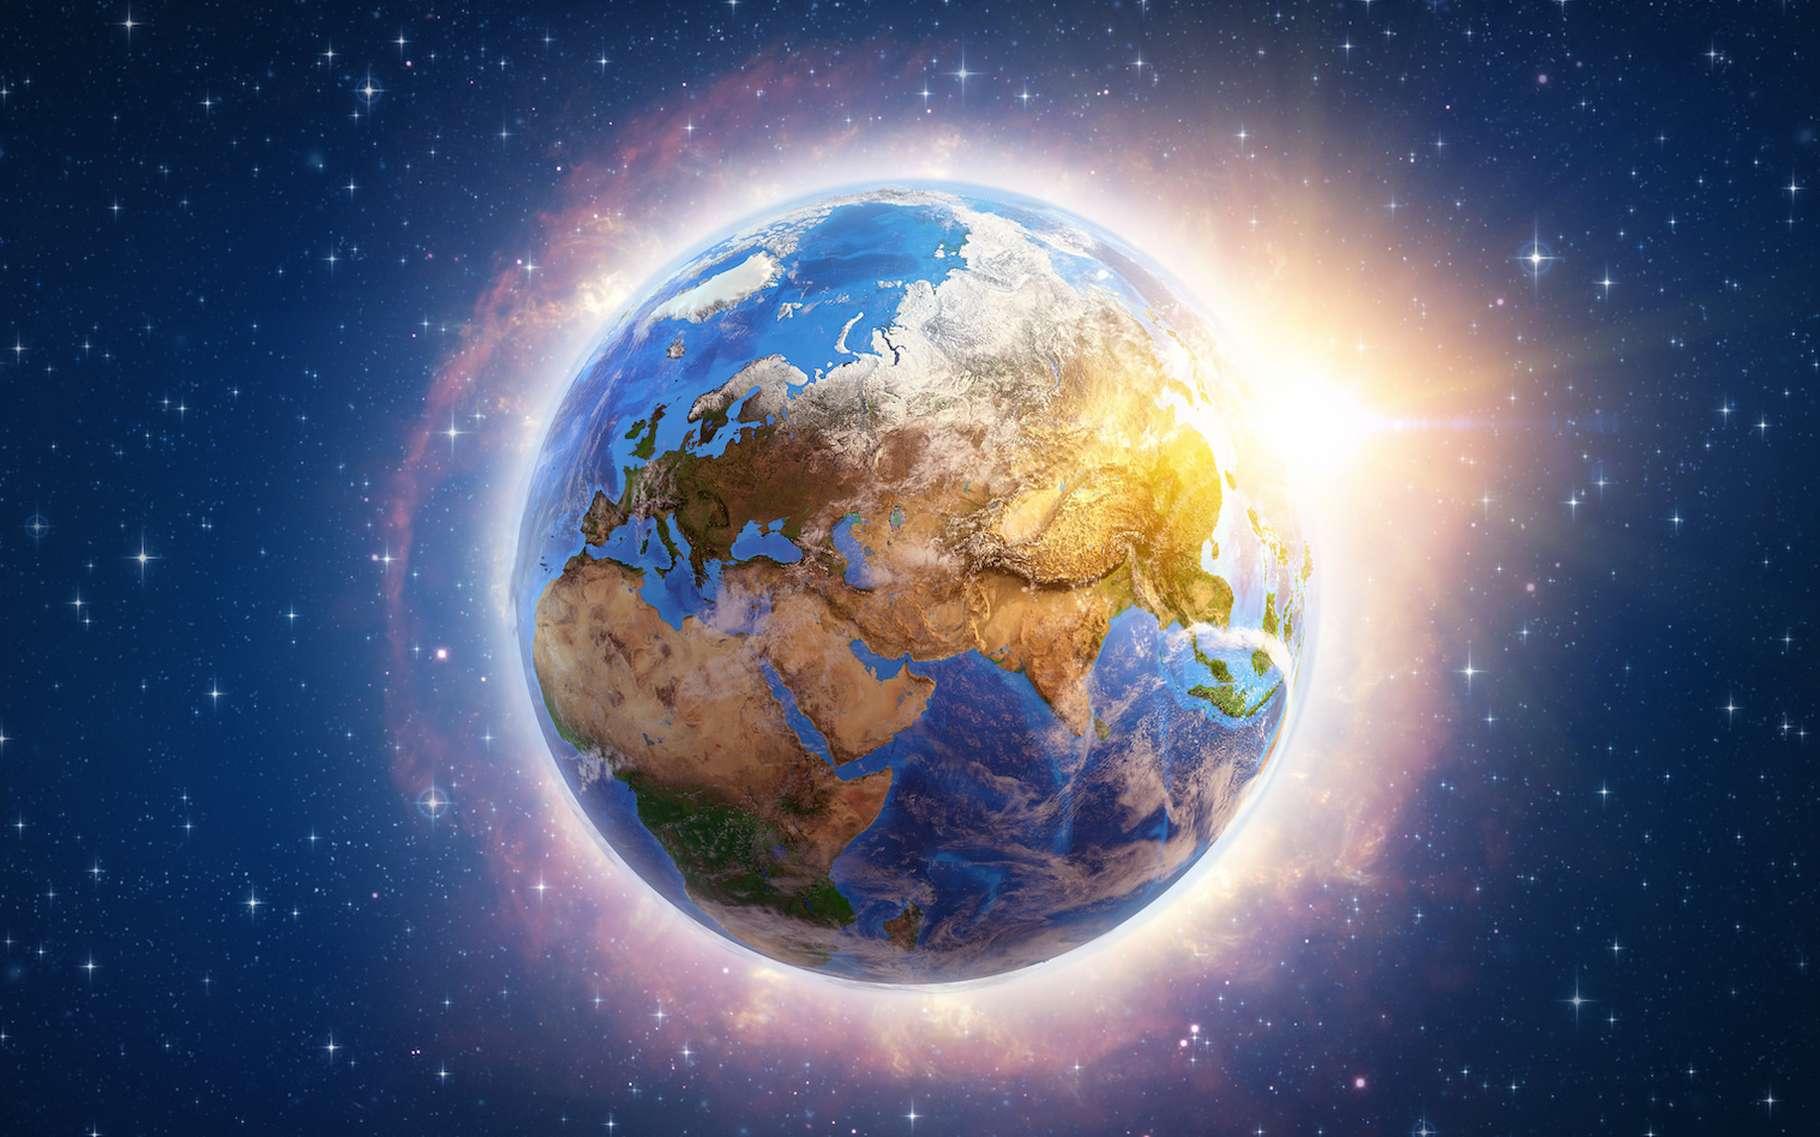 Ce qui préoccupe le plus les experts du Forum économique mondial (WEC) pour les dix années à venir, c'est la crise climatique. © mozZz, Adobe Stock